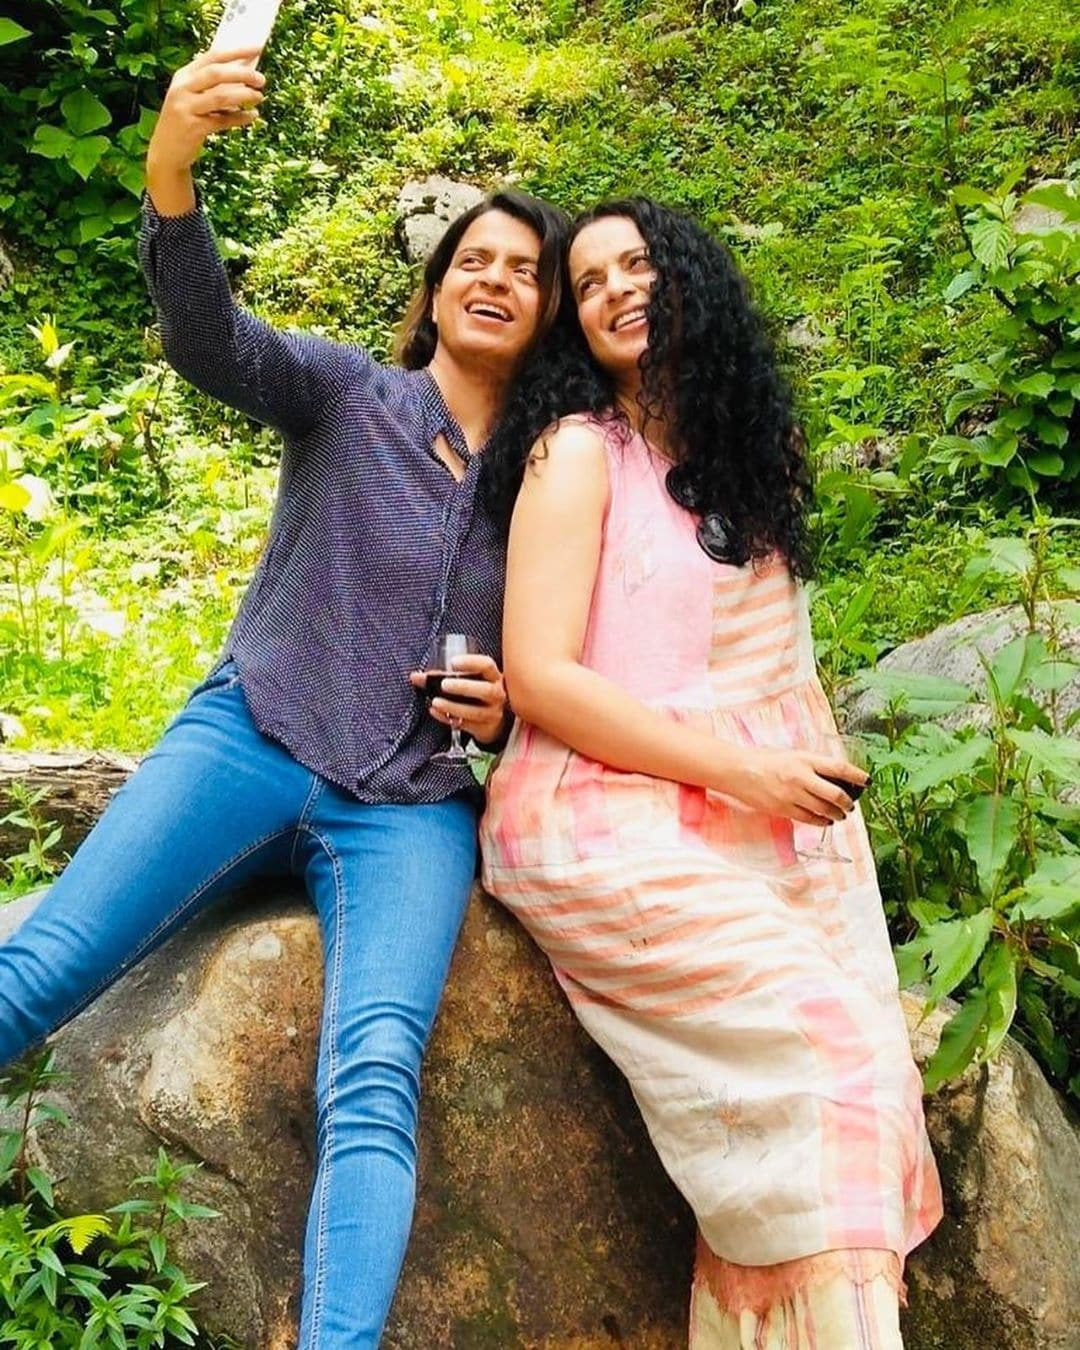 ಕುಟುಂಬದೊಂದಿಗೆ ಎಂಜಾಯ್ ಮಾಡುತ್ತಿರುವ ಕಂಗನಾ ರನೌತ್